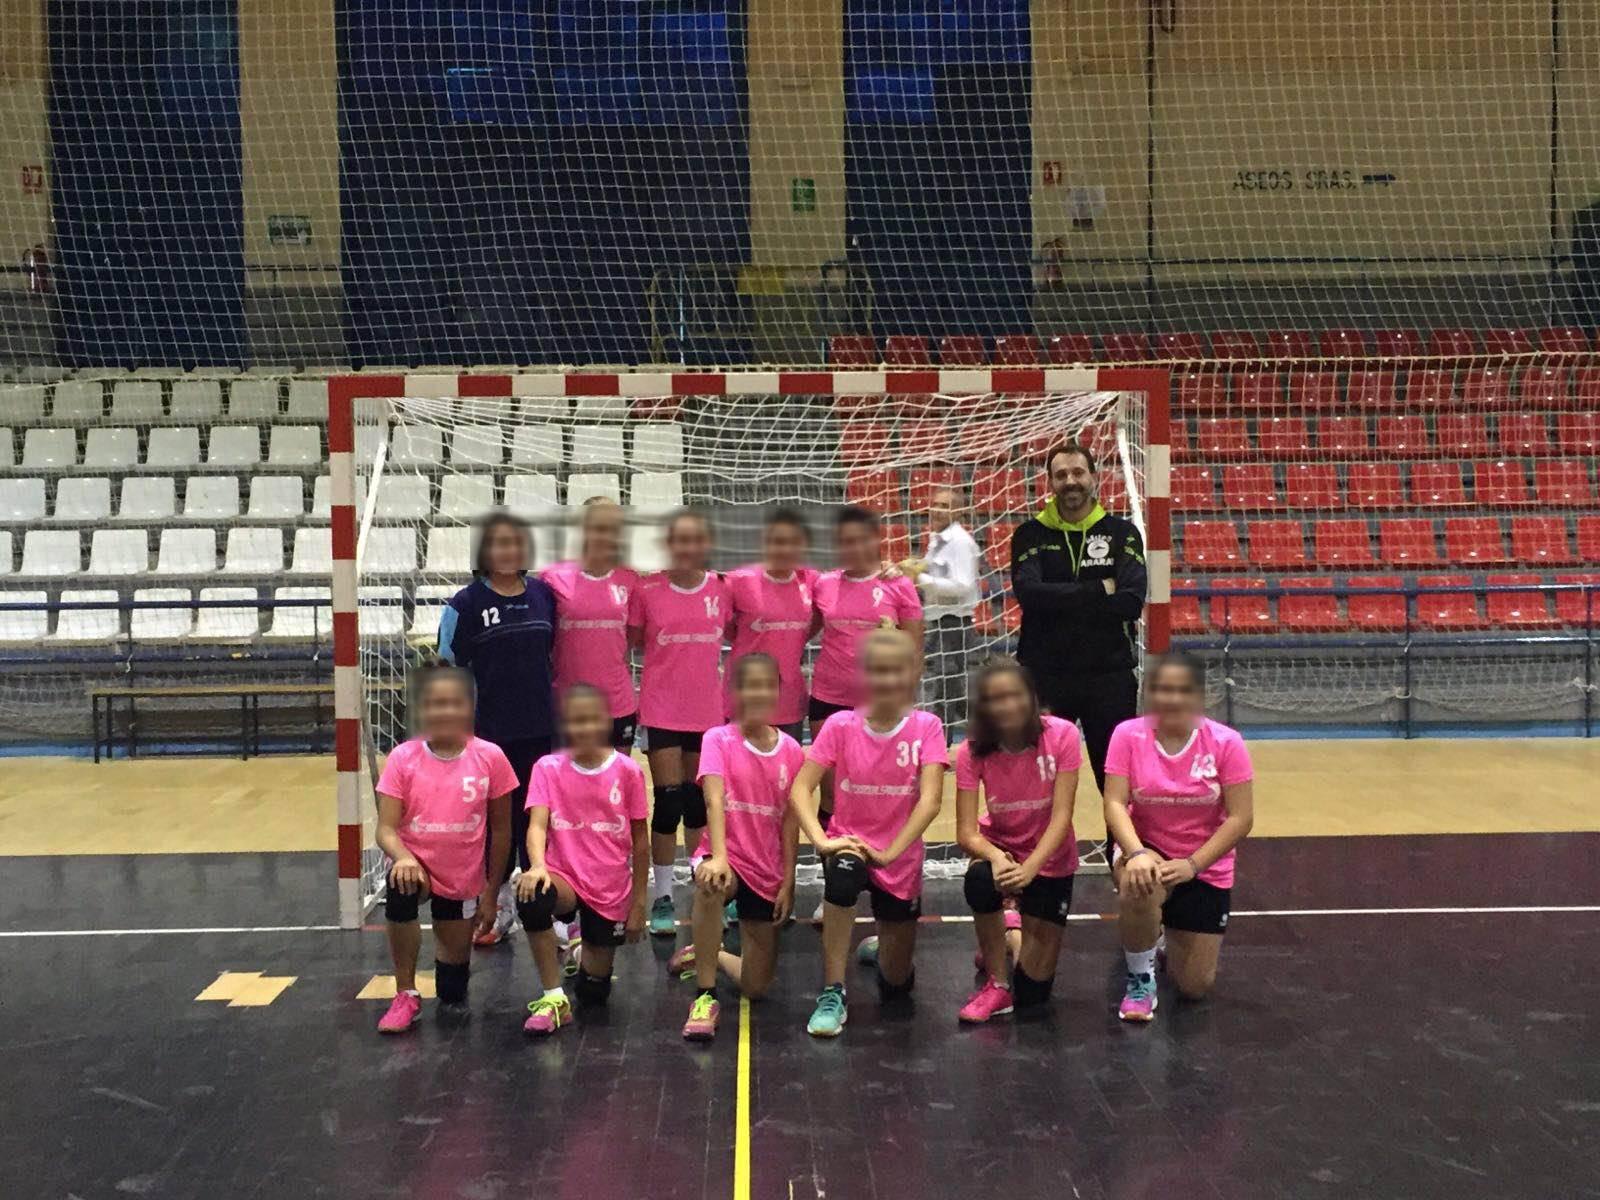 equipo quijotes handball team de herencia ciudad real - Carta sobre el apoyo local a la práctica del deporte y sus problemas